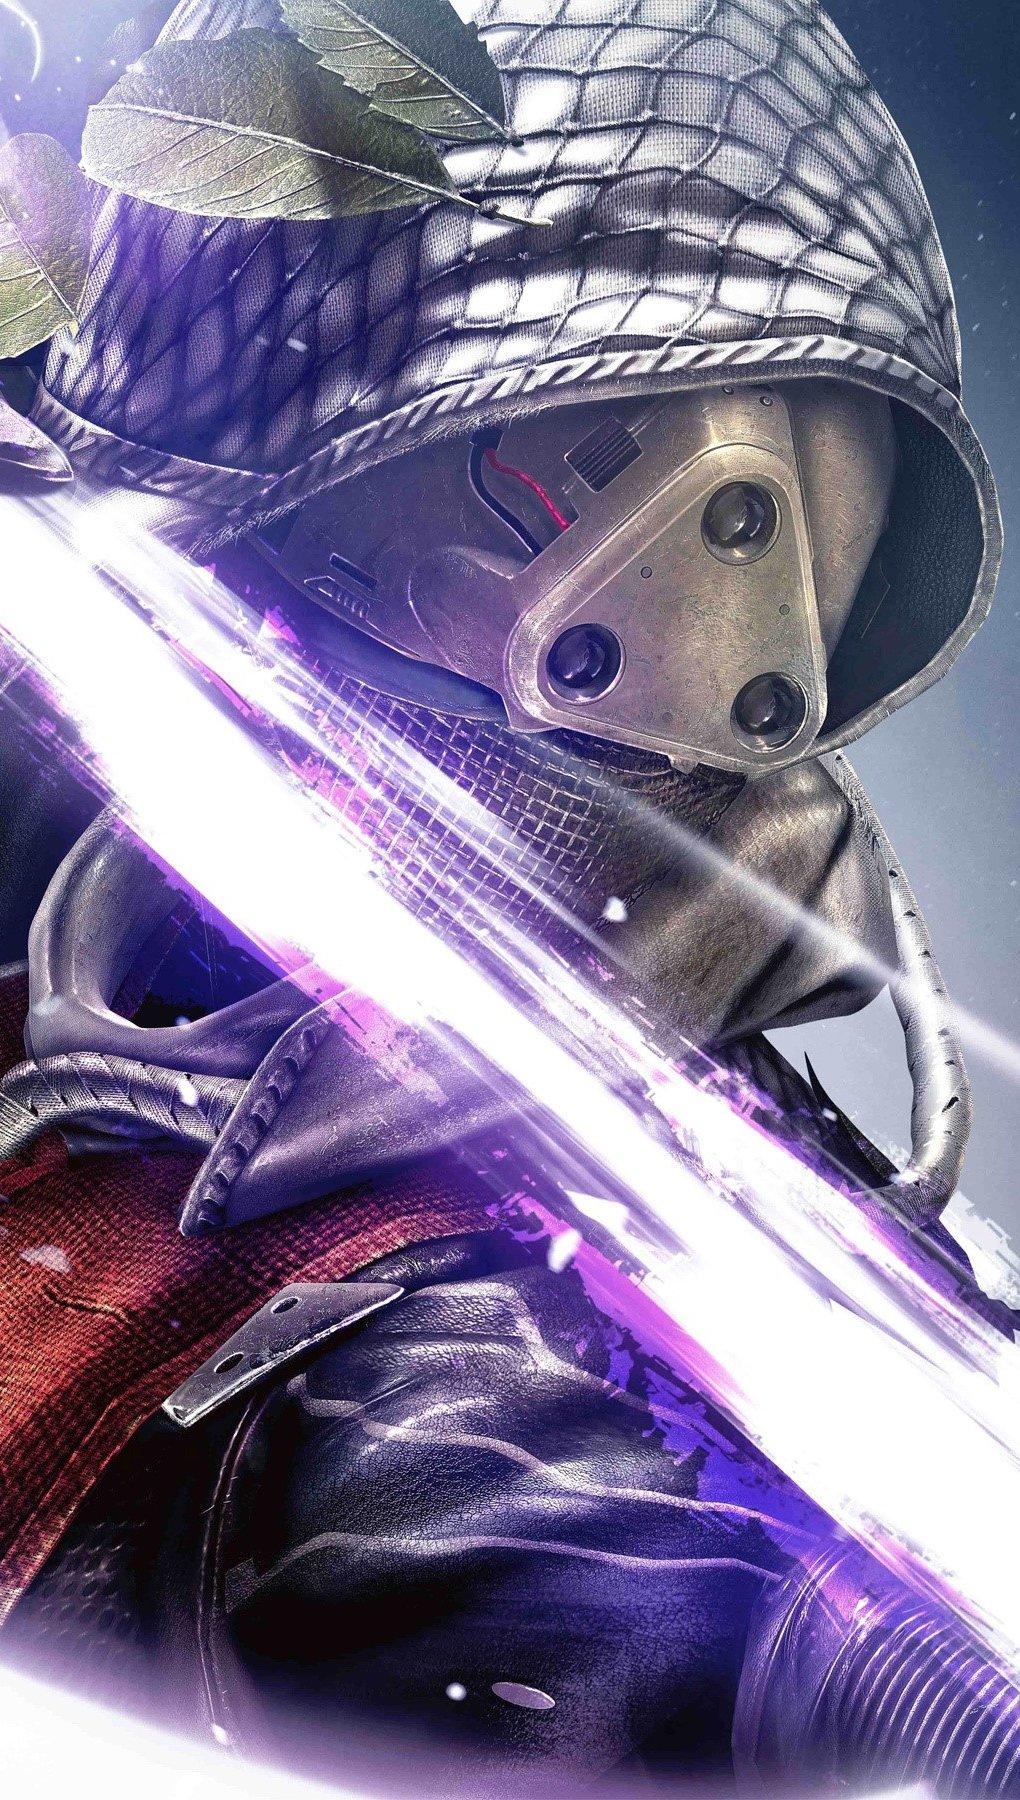 Fondos de pantalla Destiny The taken king hunter Vertical